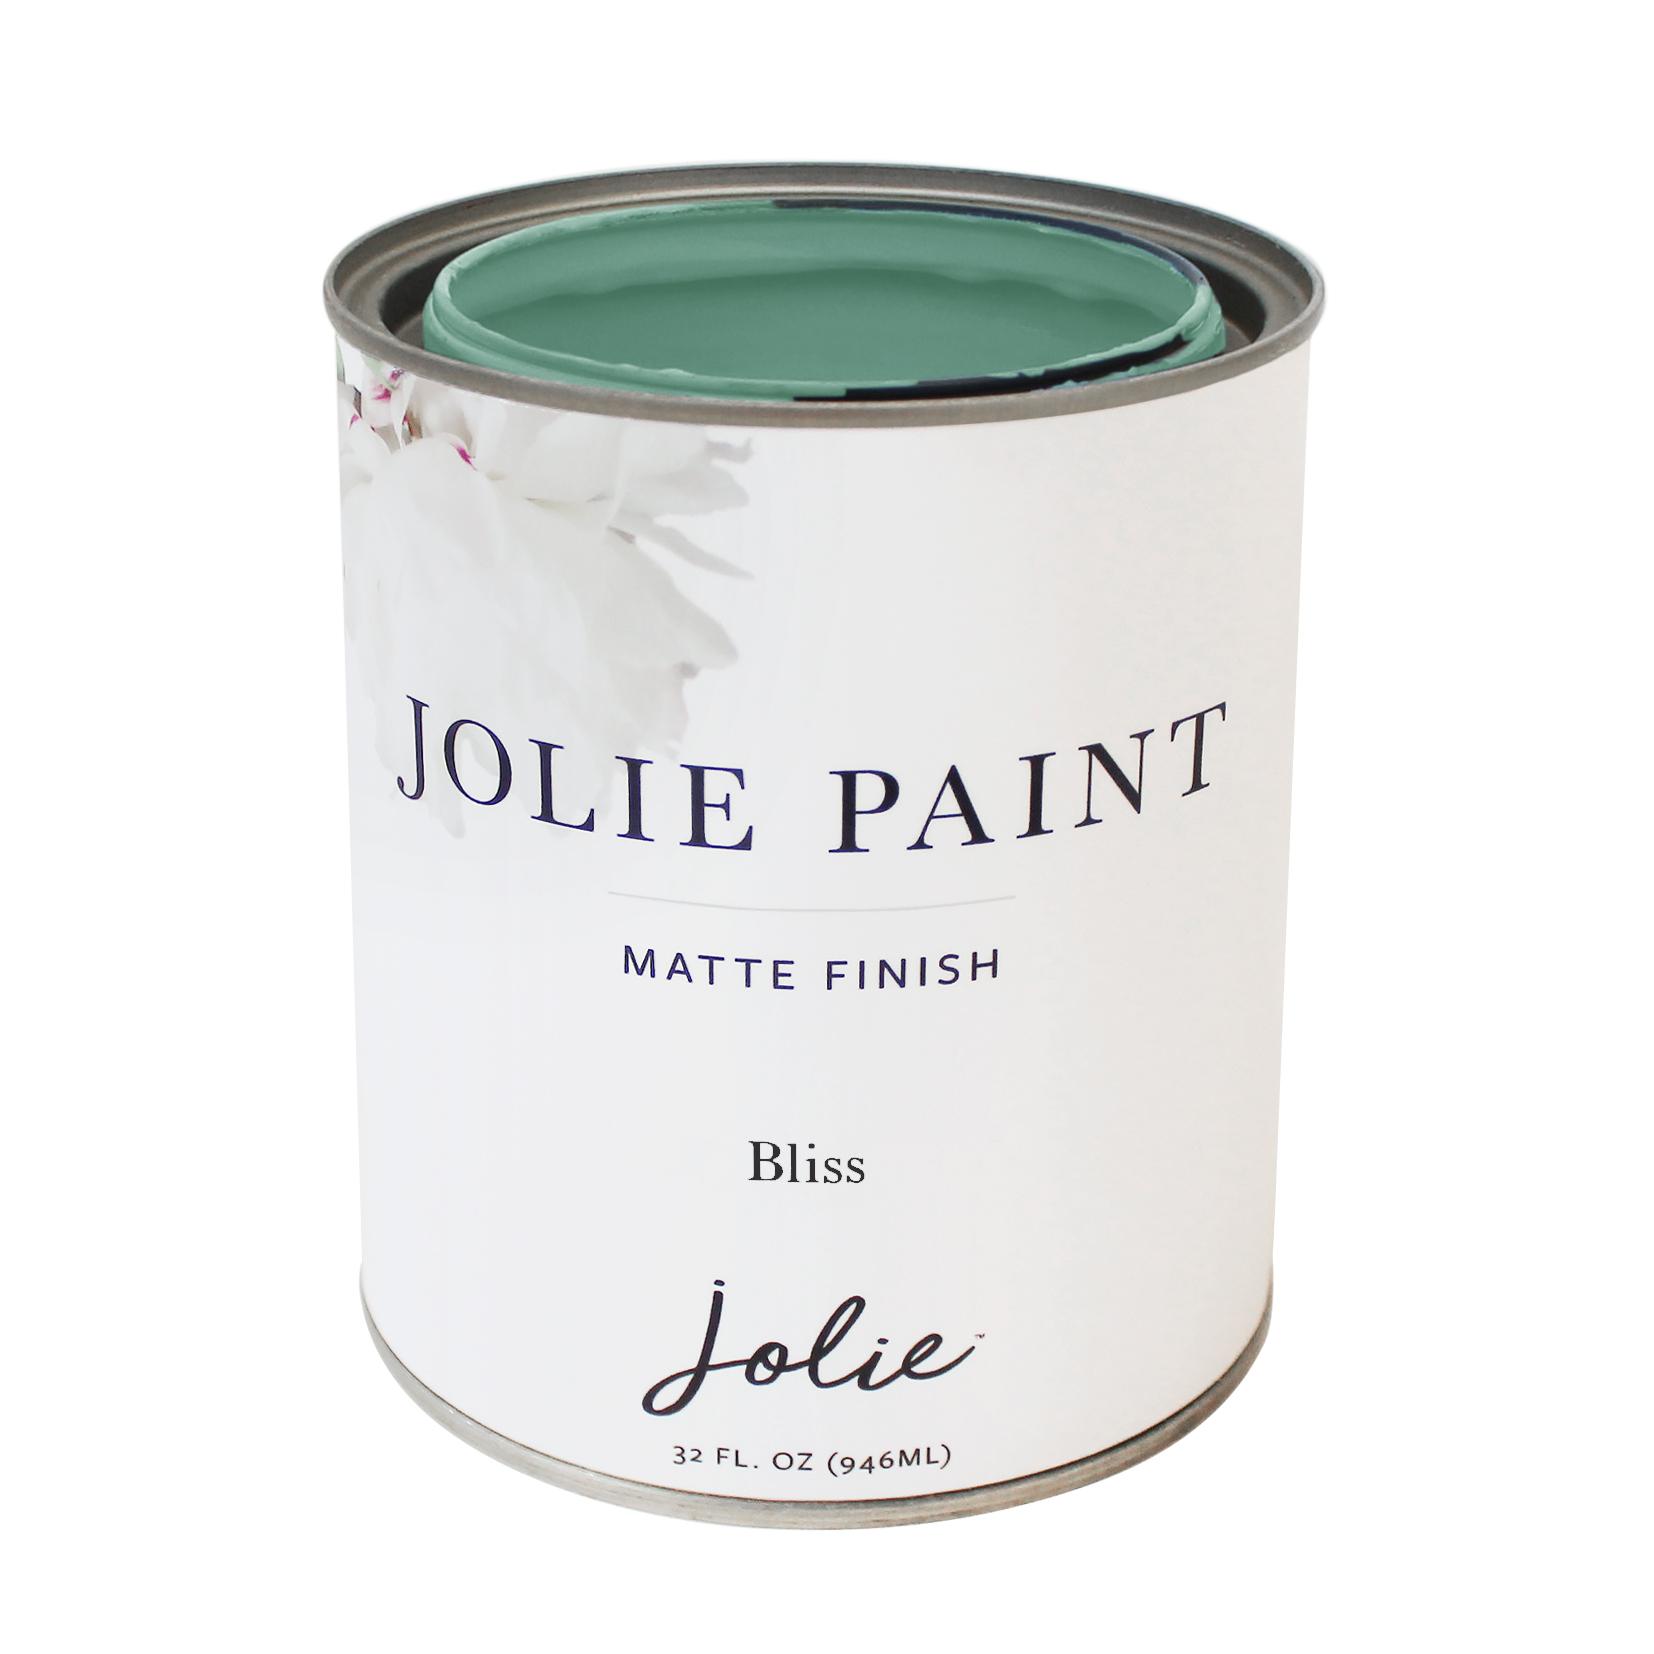 Bliss - Jolie Paint